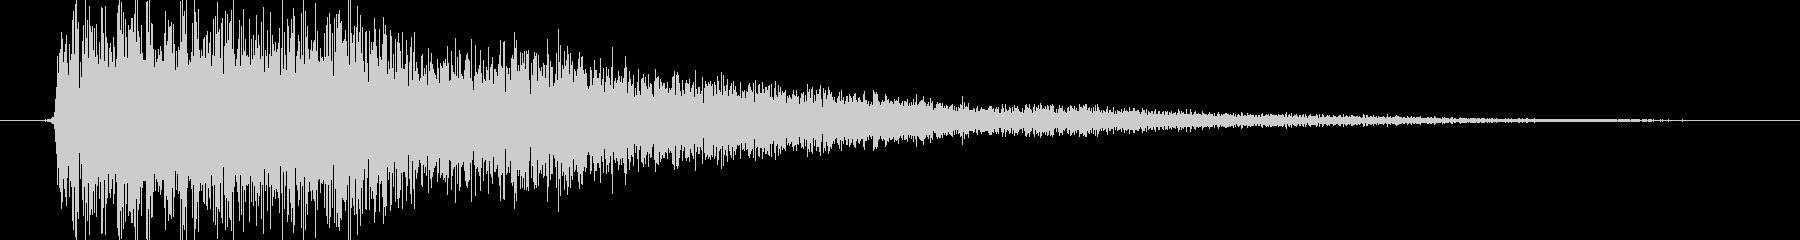 ティン(決定時の効果音に最適)の未再生の波形